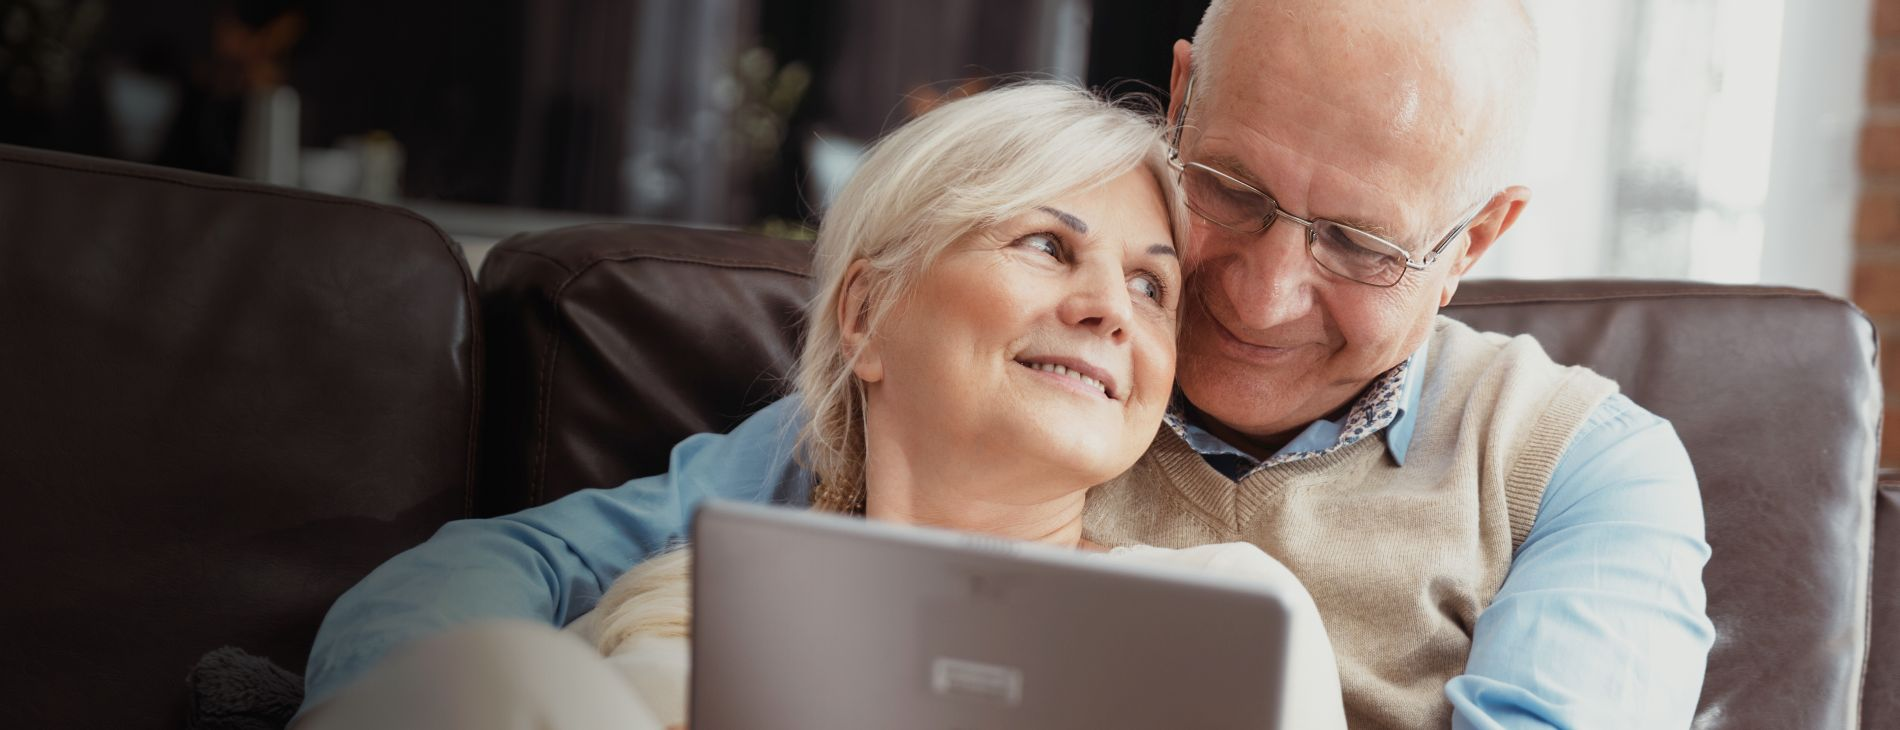 Кредит без истории, справок и поручителей пенсионерам